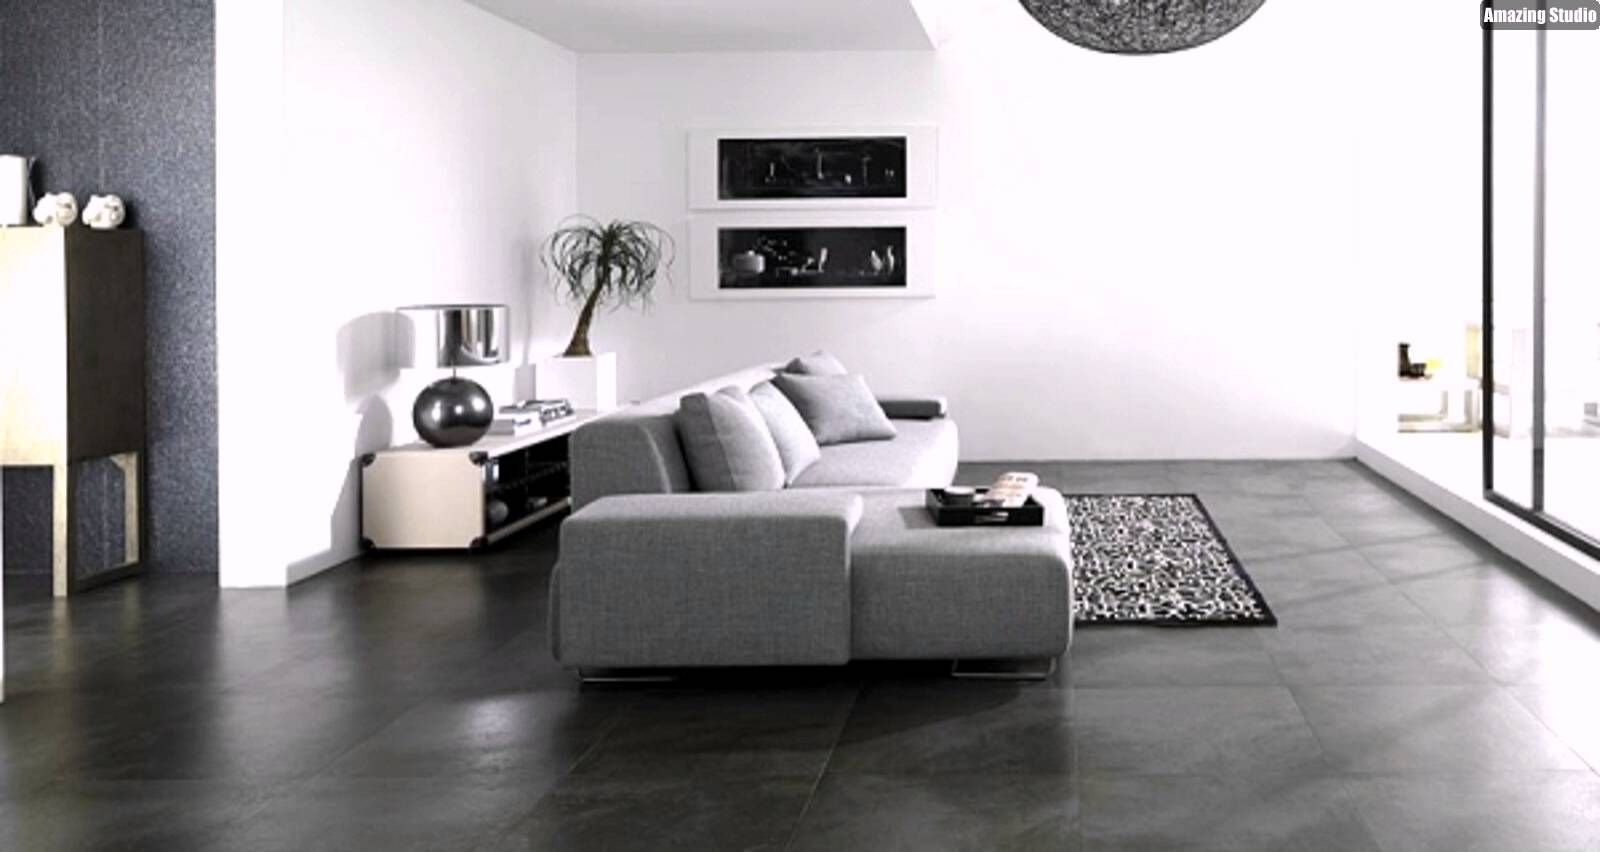 Fliesen Steinoptik Porcelanosa Boden Grau Sofa Wohnzimmer.